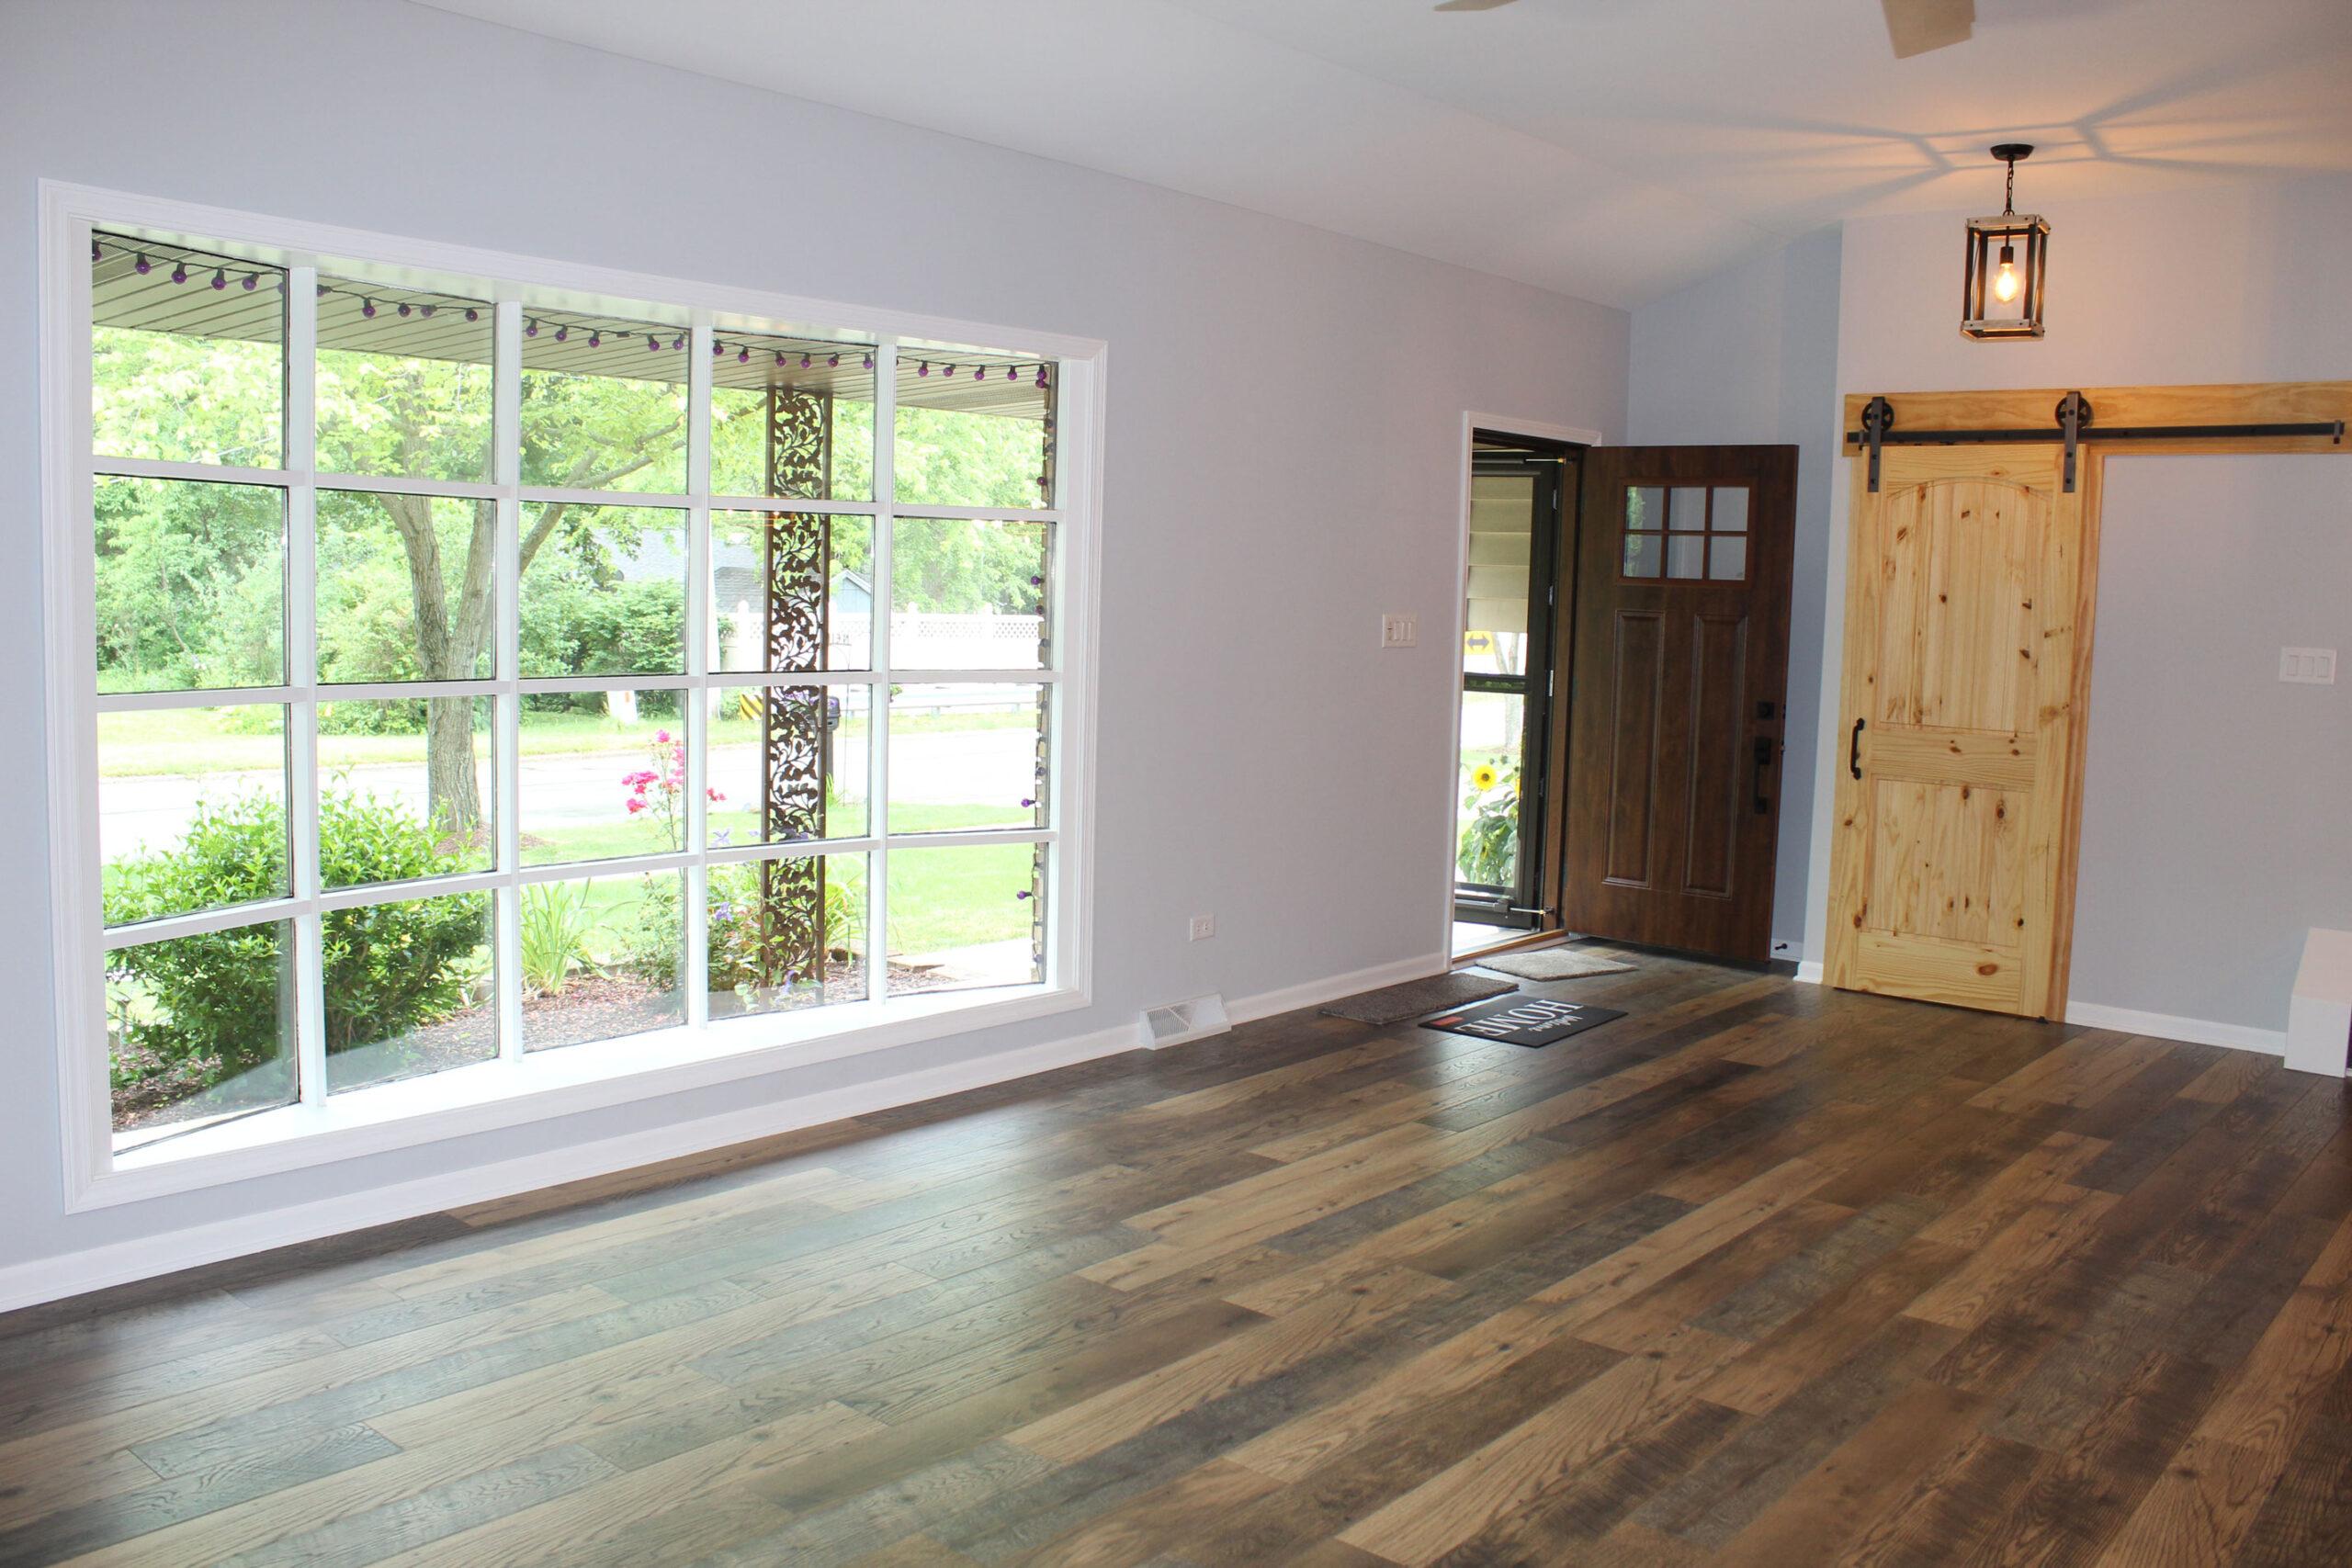 living room after home restoration